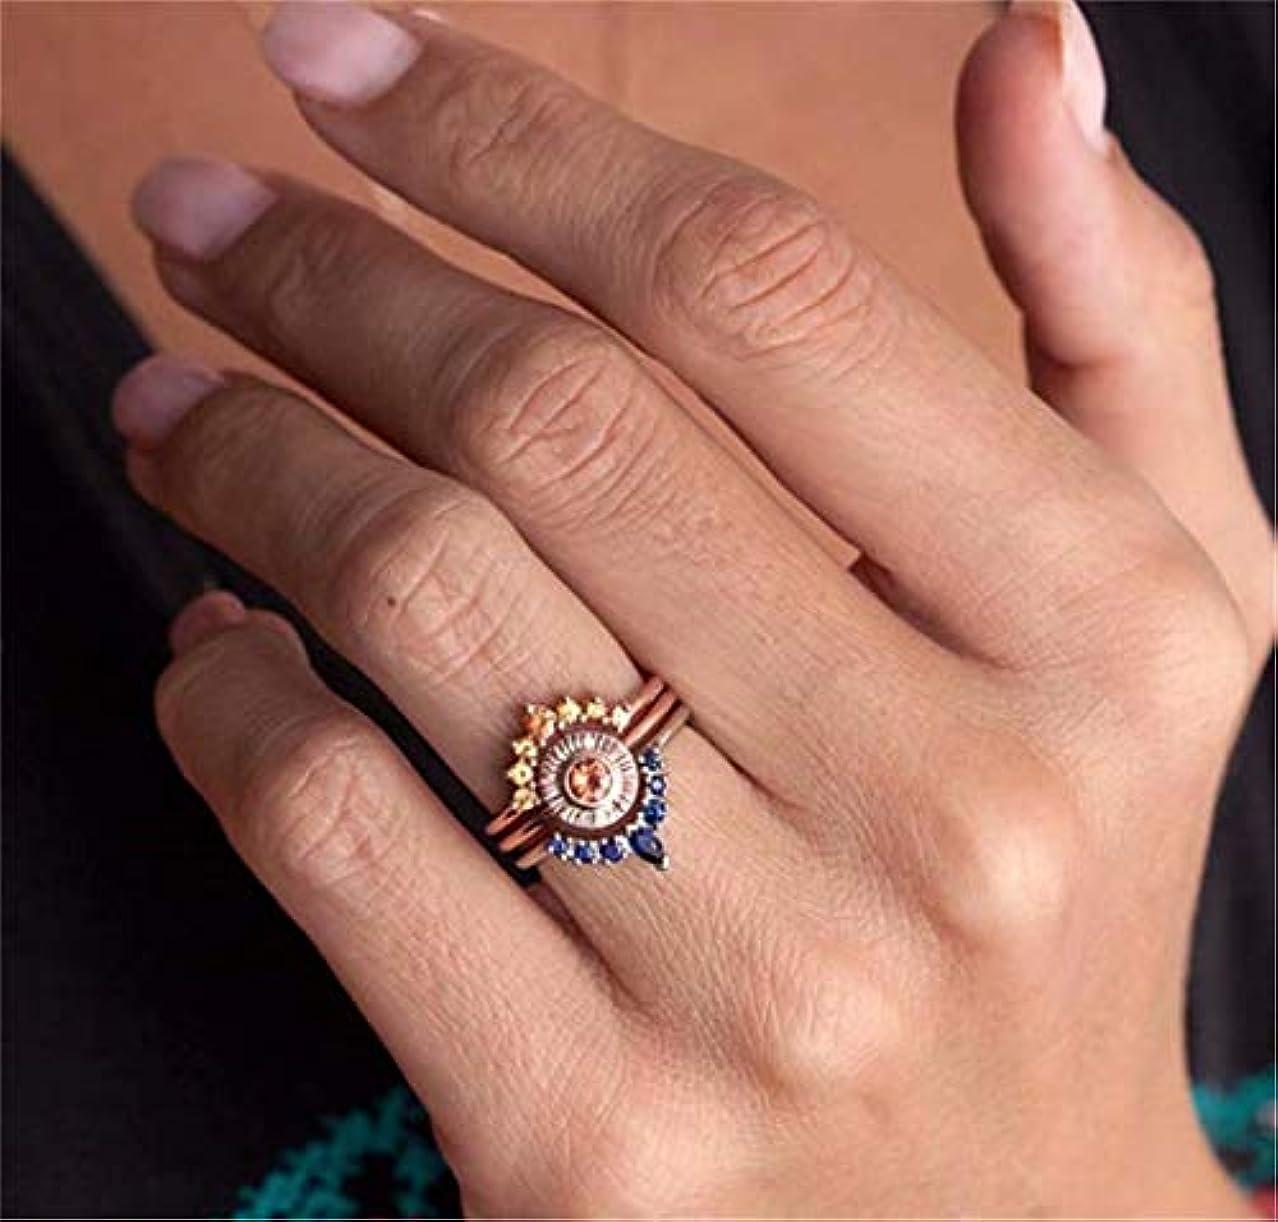 逮捕キモい増幅する七里の香 指輪 ペアリング レディース メンズ リング キュービックジルコニア 結婚指輪 婚約指輪 シンプル フラワー 花 セット